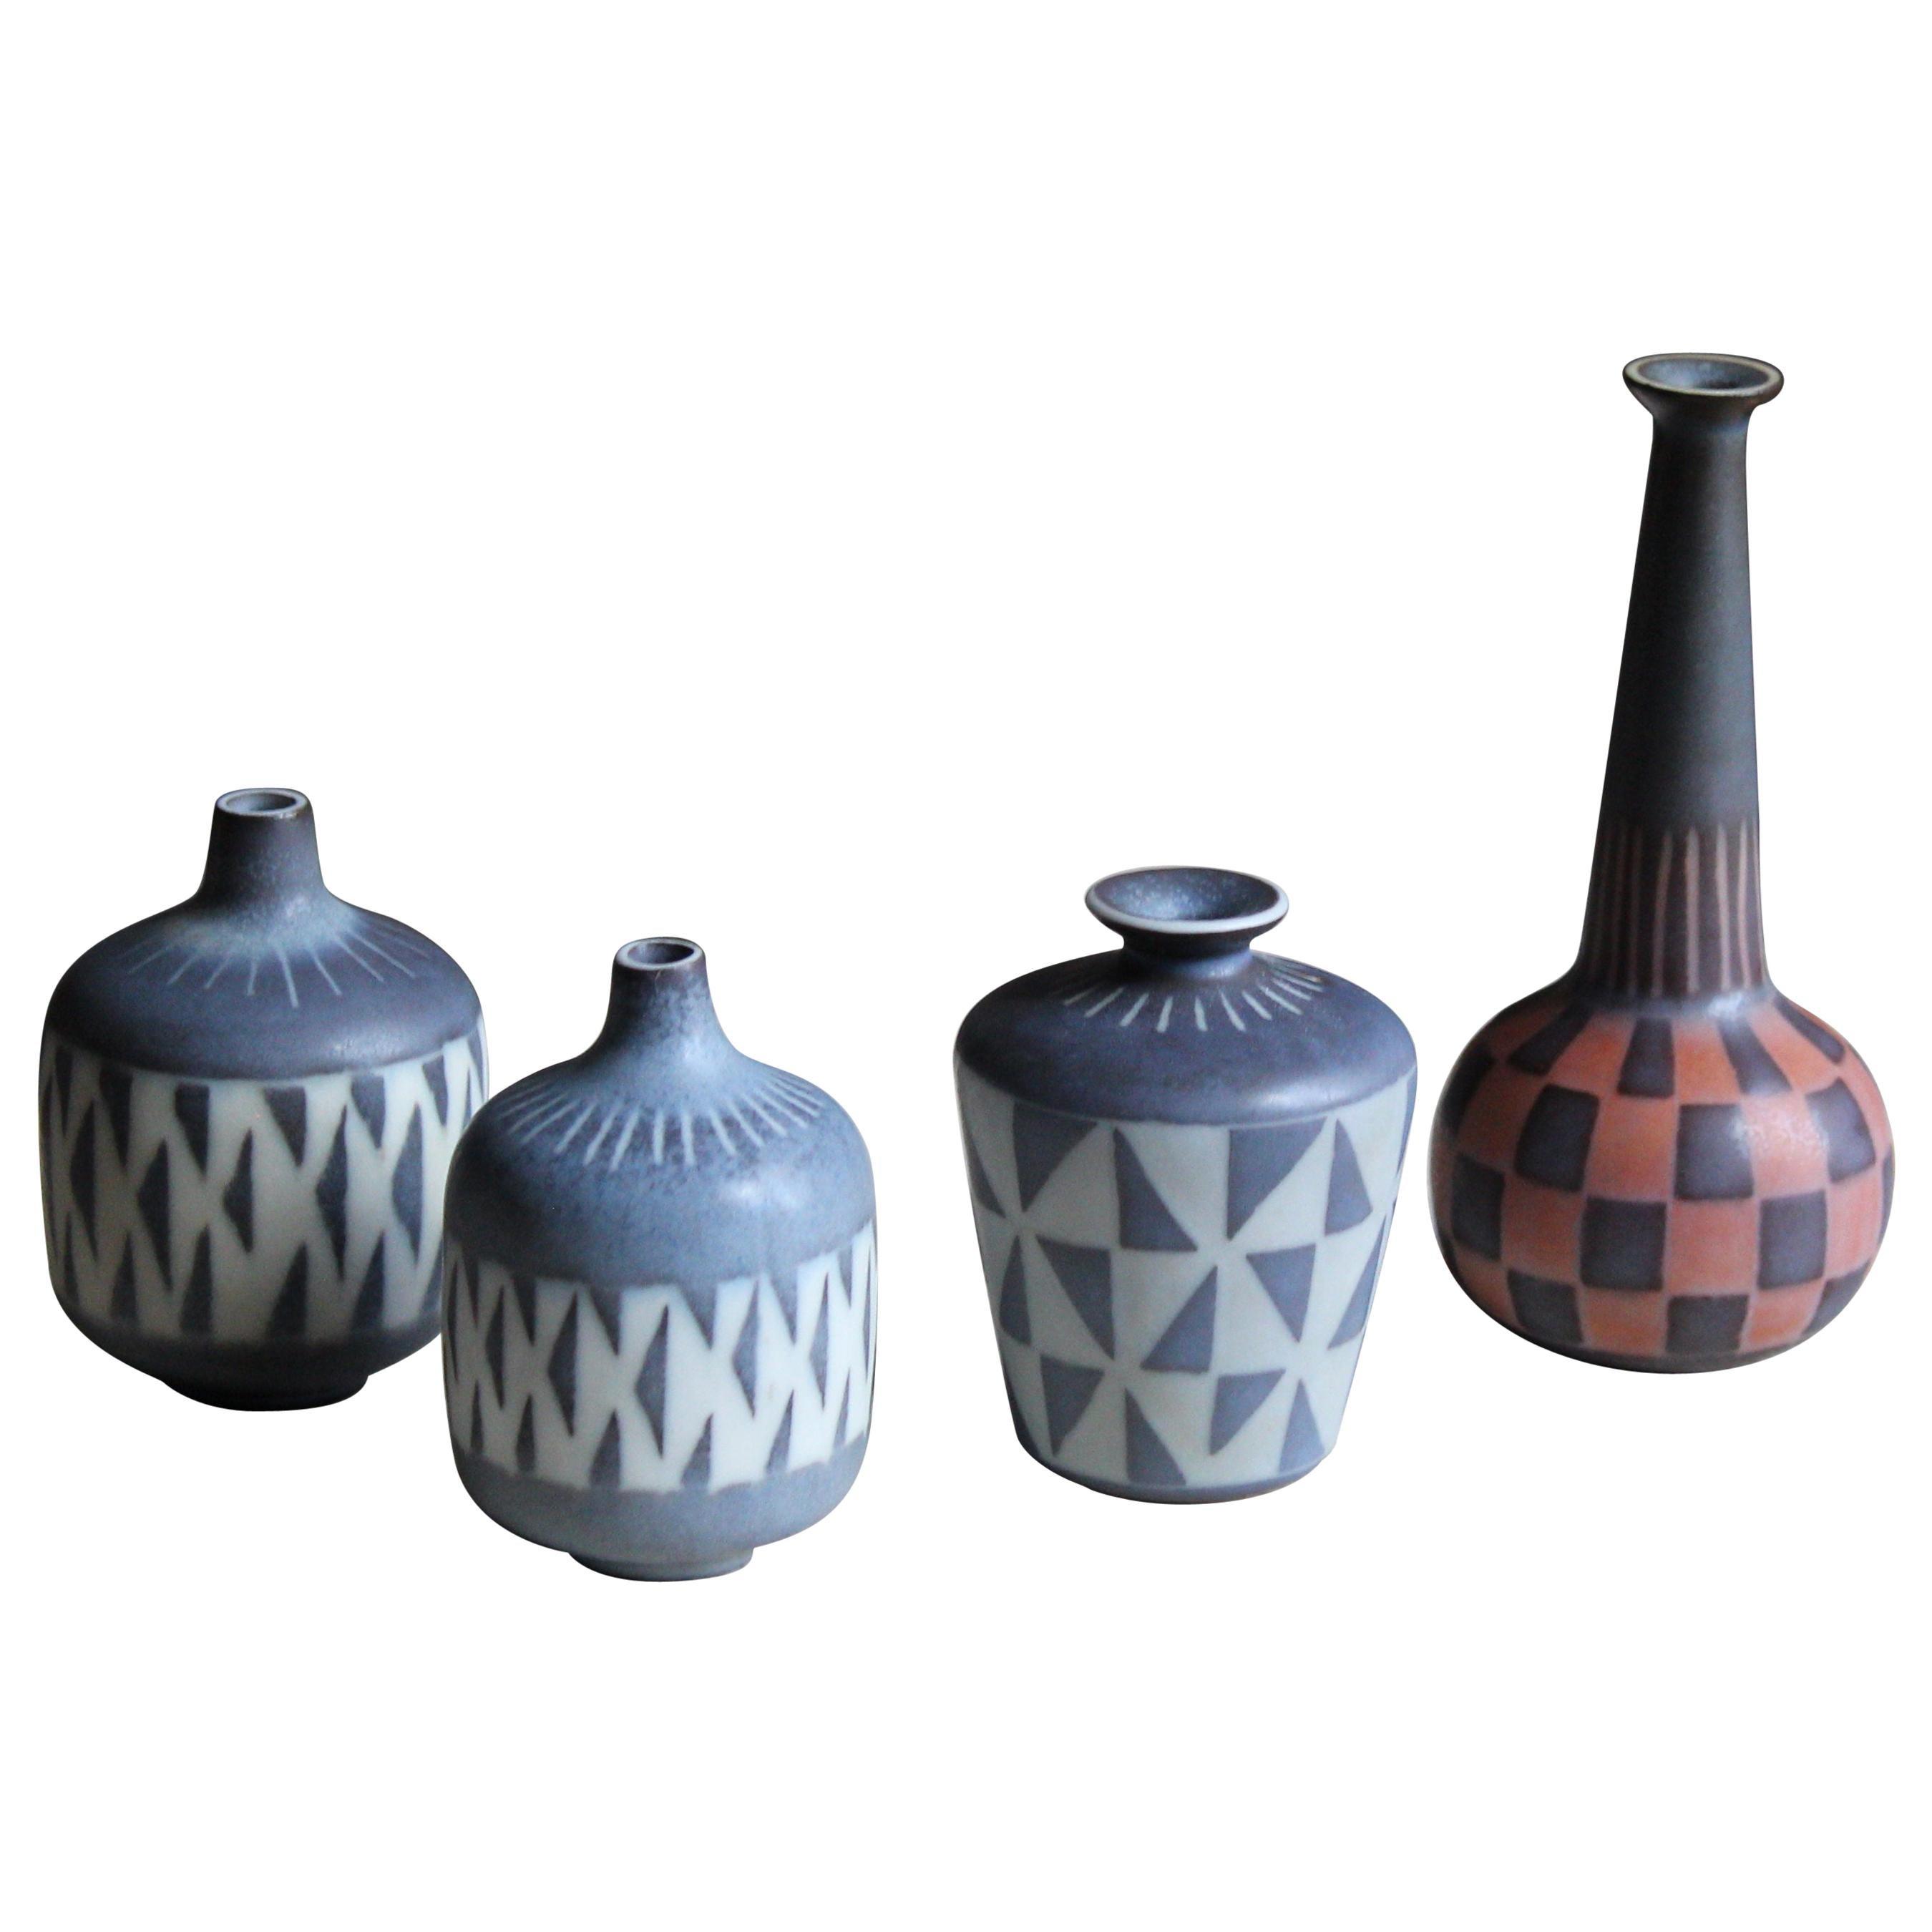 Gunnar Nylund, Unique Hand Painted Vases, Stoneware, Rörstand, Sweden, 1950s